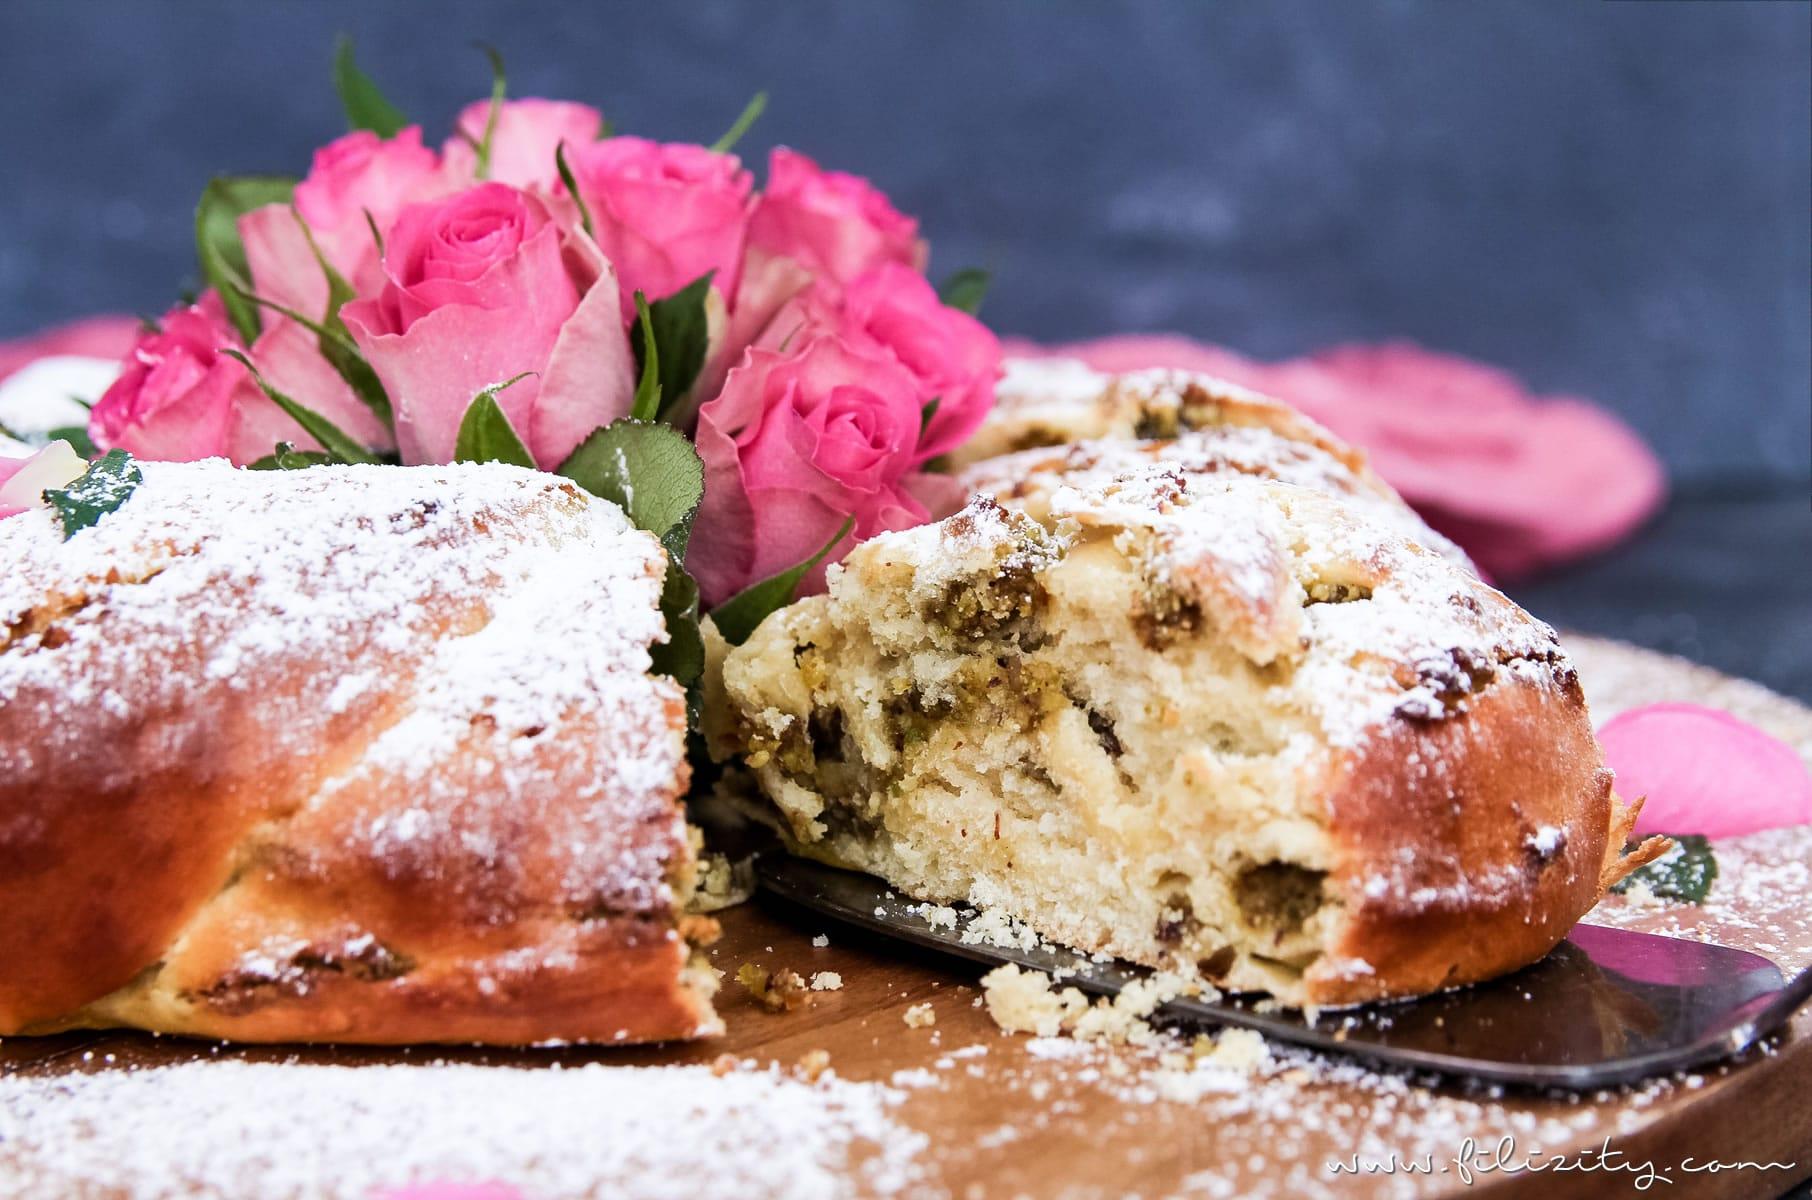 Osterkranz backen mit diesem einfachen Osterkranz Rezept | Hefekranz mit orientalischer Pistazien-Rosen-Füllung zu Ostern | Filizitiy.com | Food-Blog aus dem Rheinland #ostern #osterrezept #osterkranz